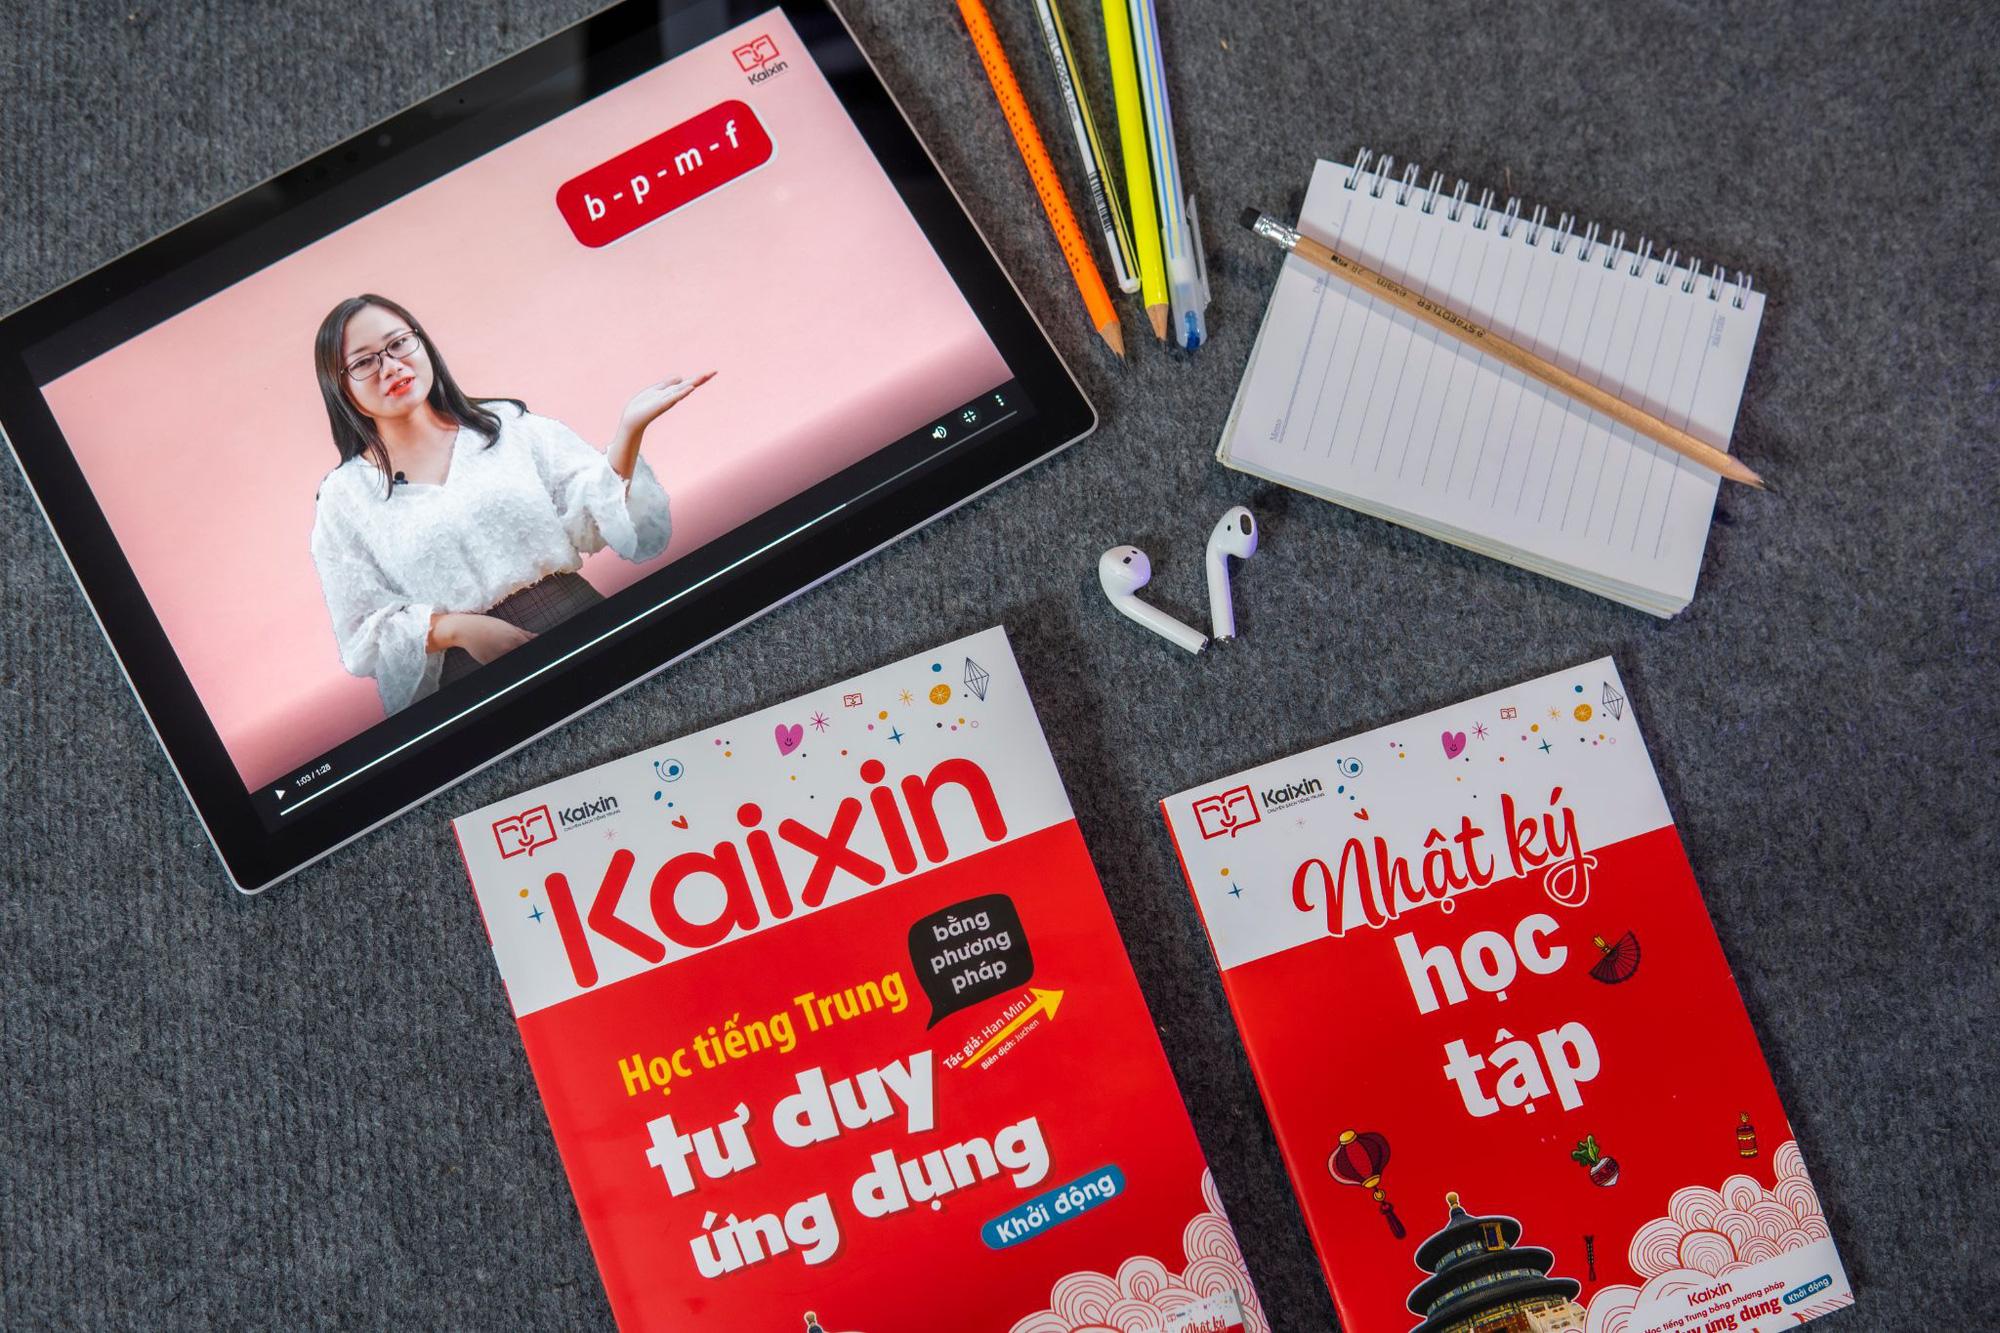 Khóa học tiếng Trung giao tiếp Kaixin: Vũ khí vạn năng dành cho người mới bắt đầu - Ảnh 3.